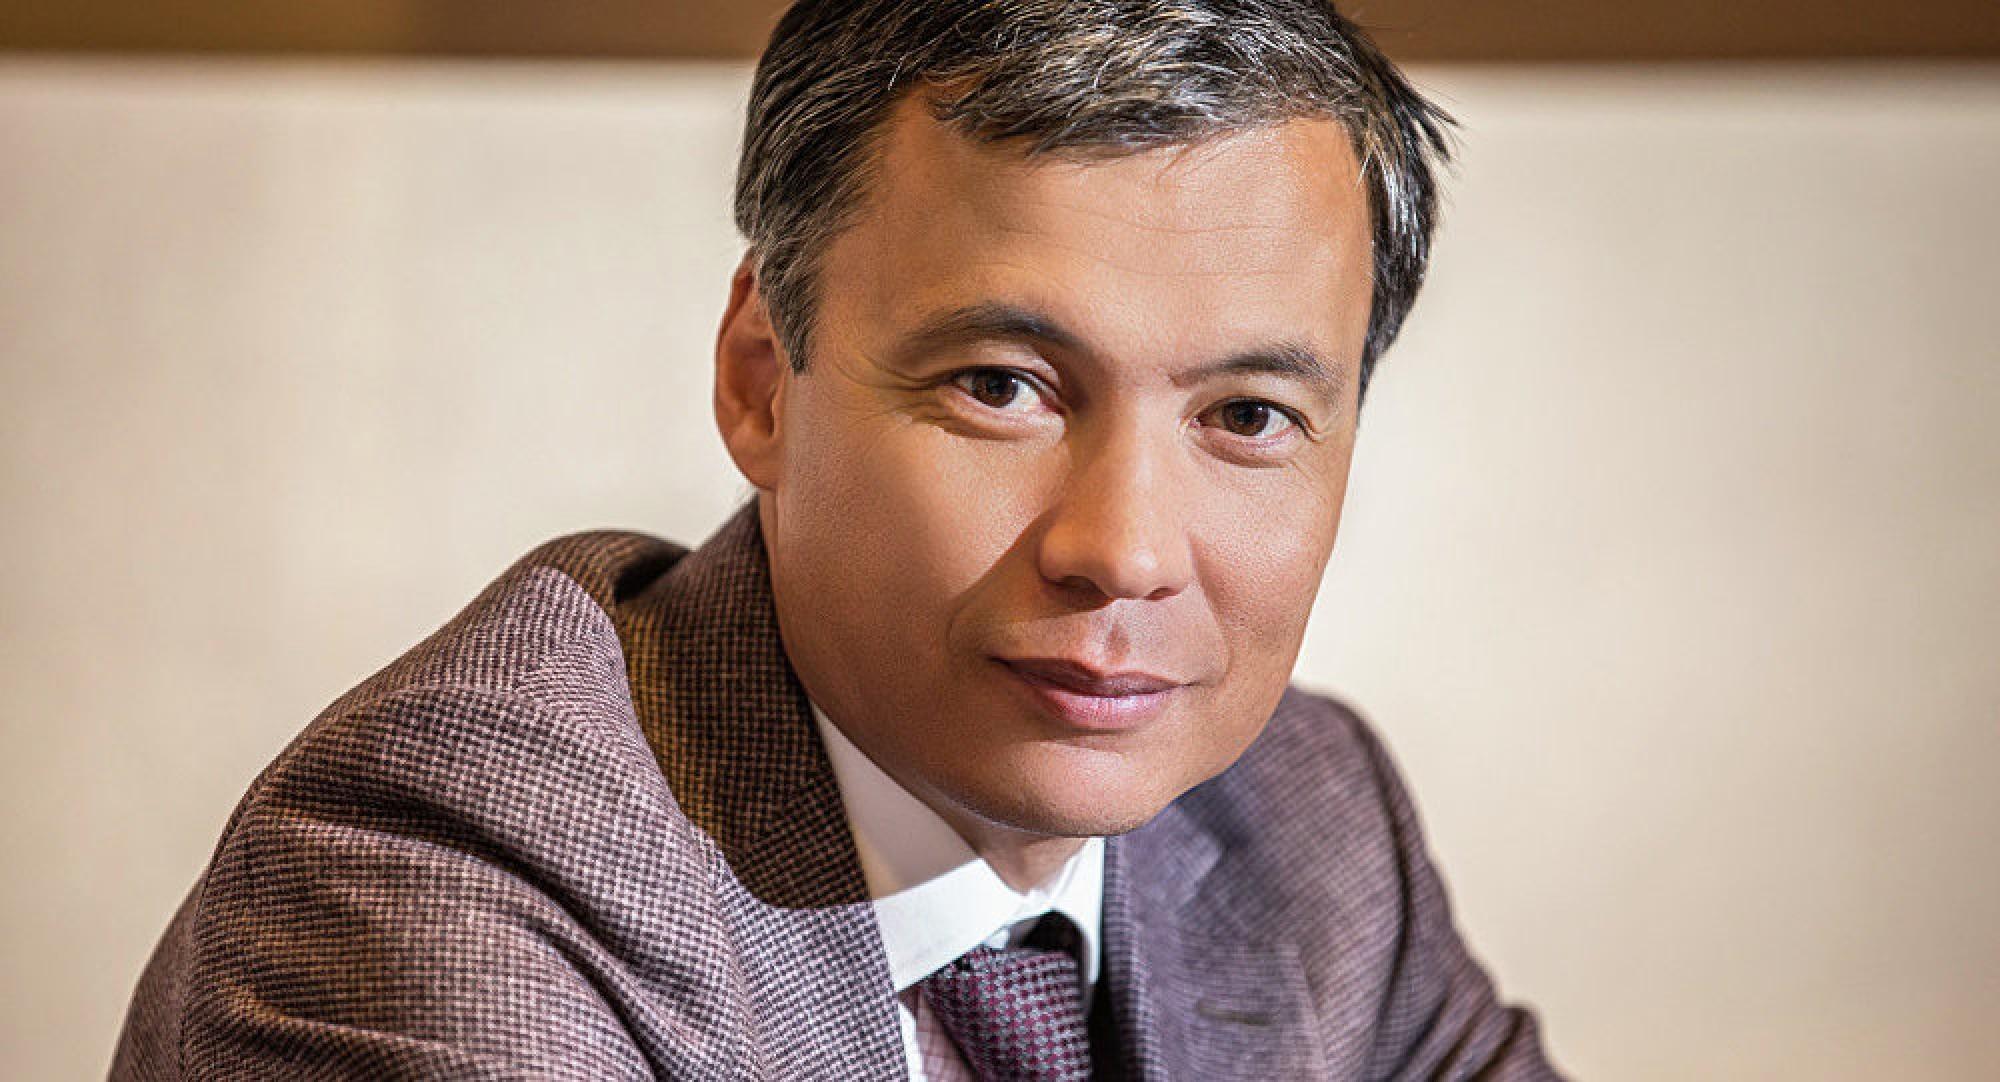 Ертаеву отказано в домашнем аресте, он водворен в СИЗО Алматы – суд